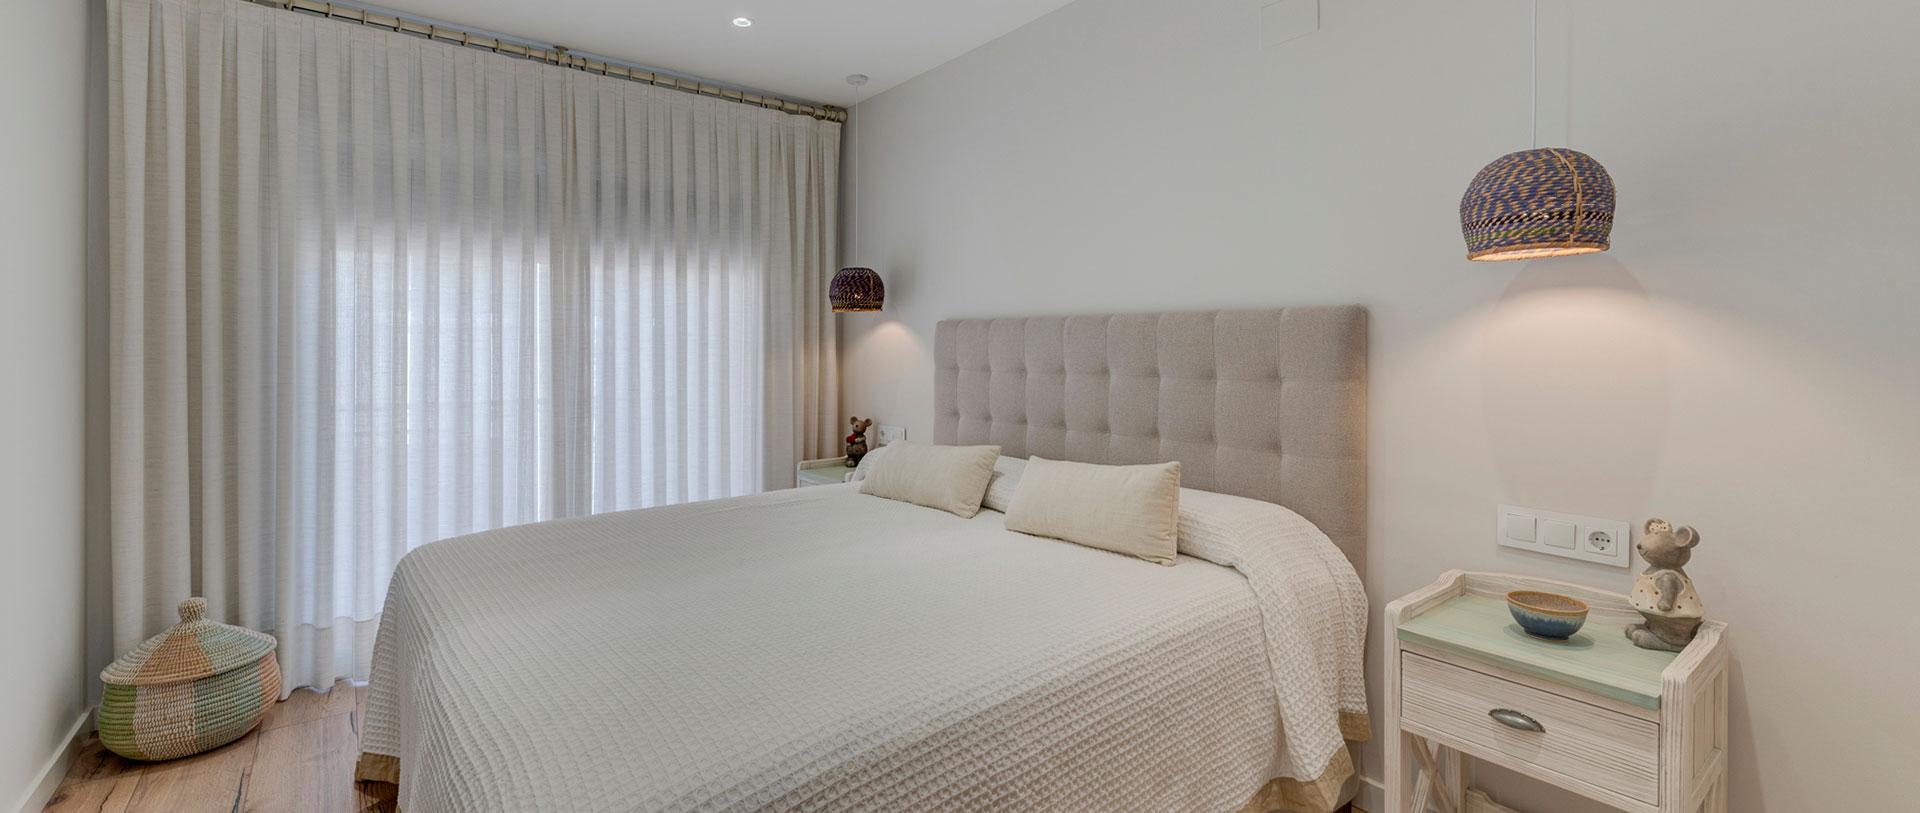 Diseño de dormitorio para reforma integral de vivienda en St. Cugat, realizado por Dromstudio